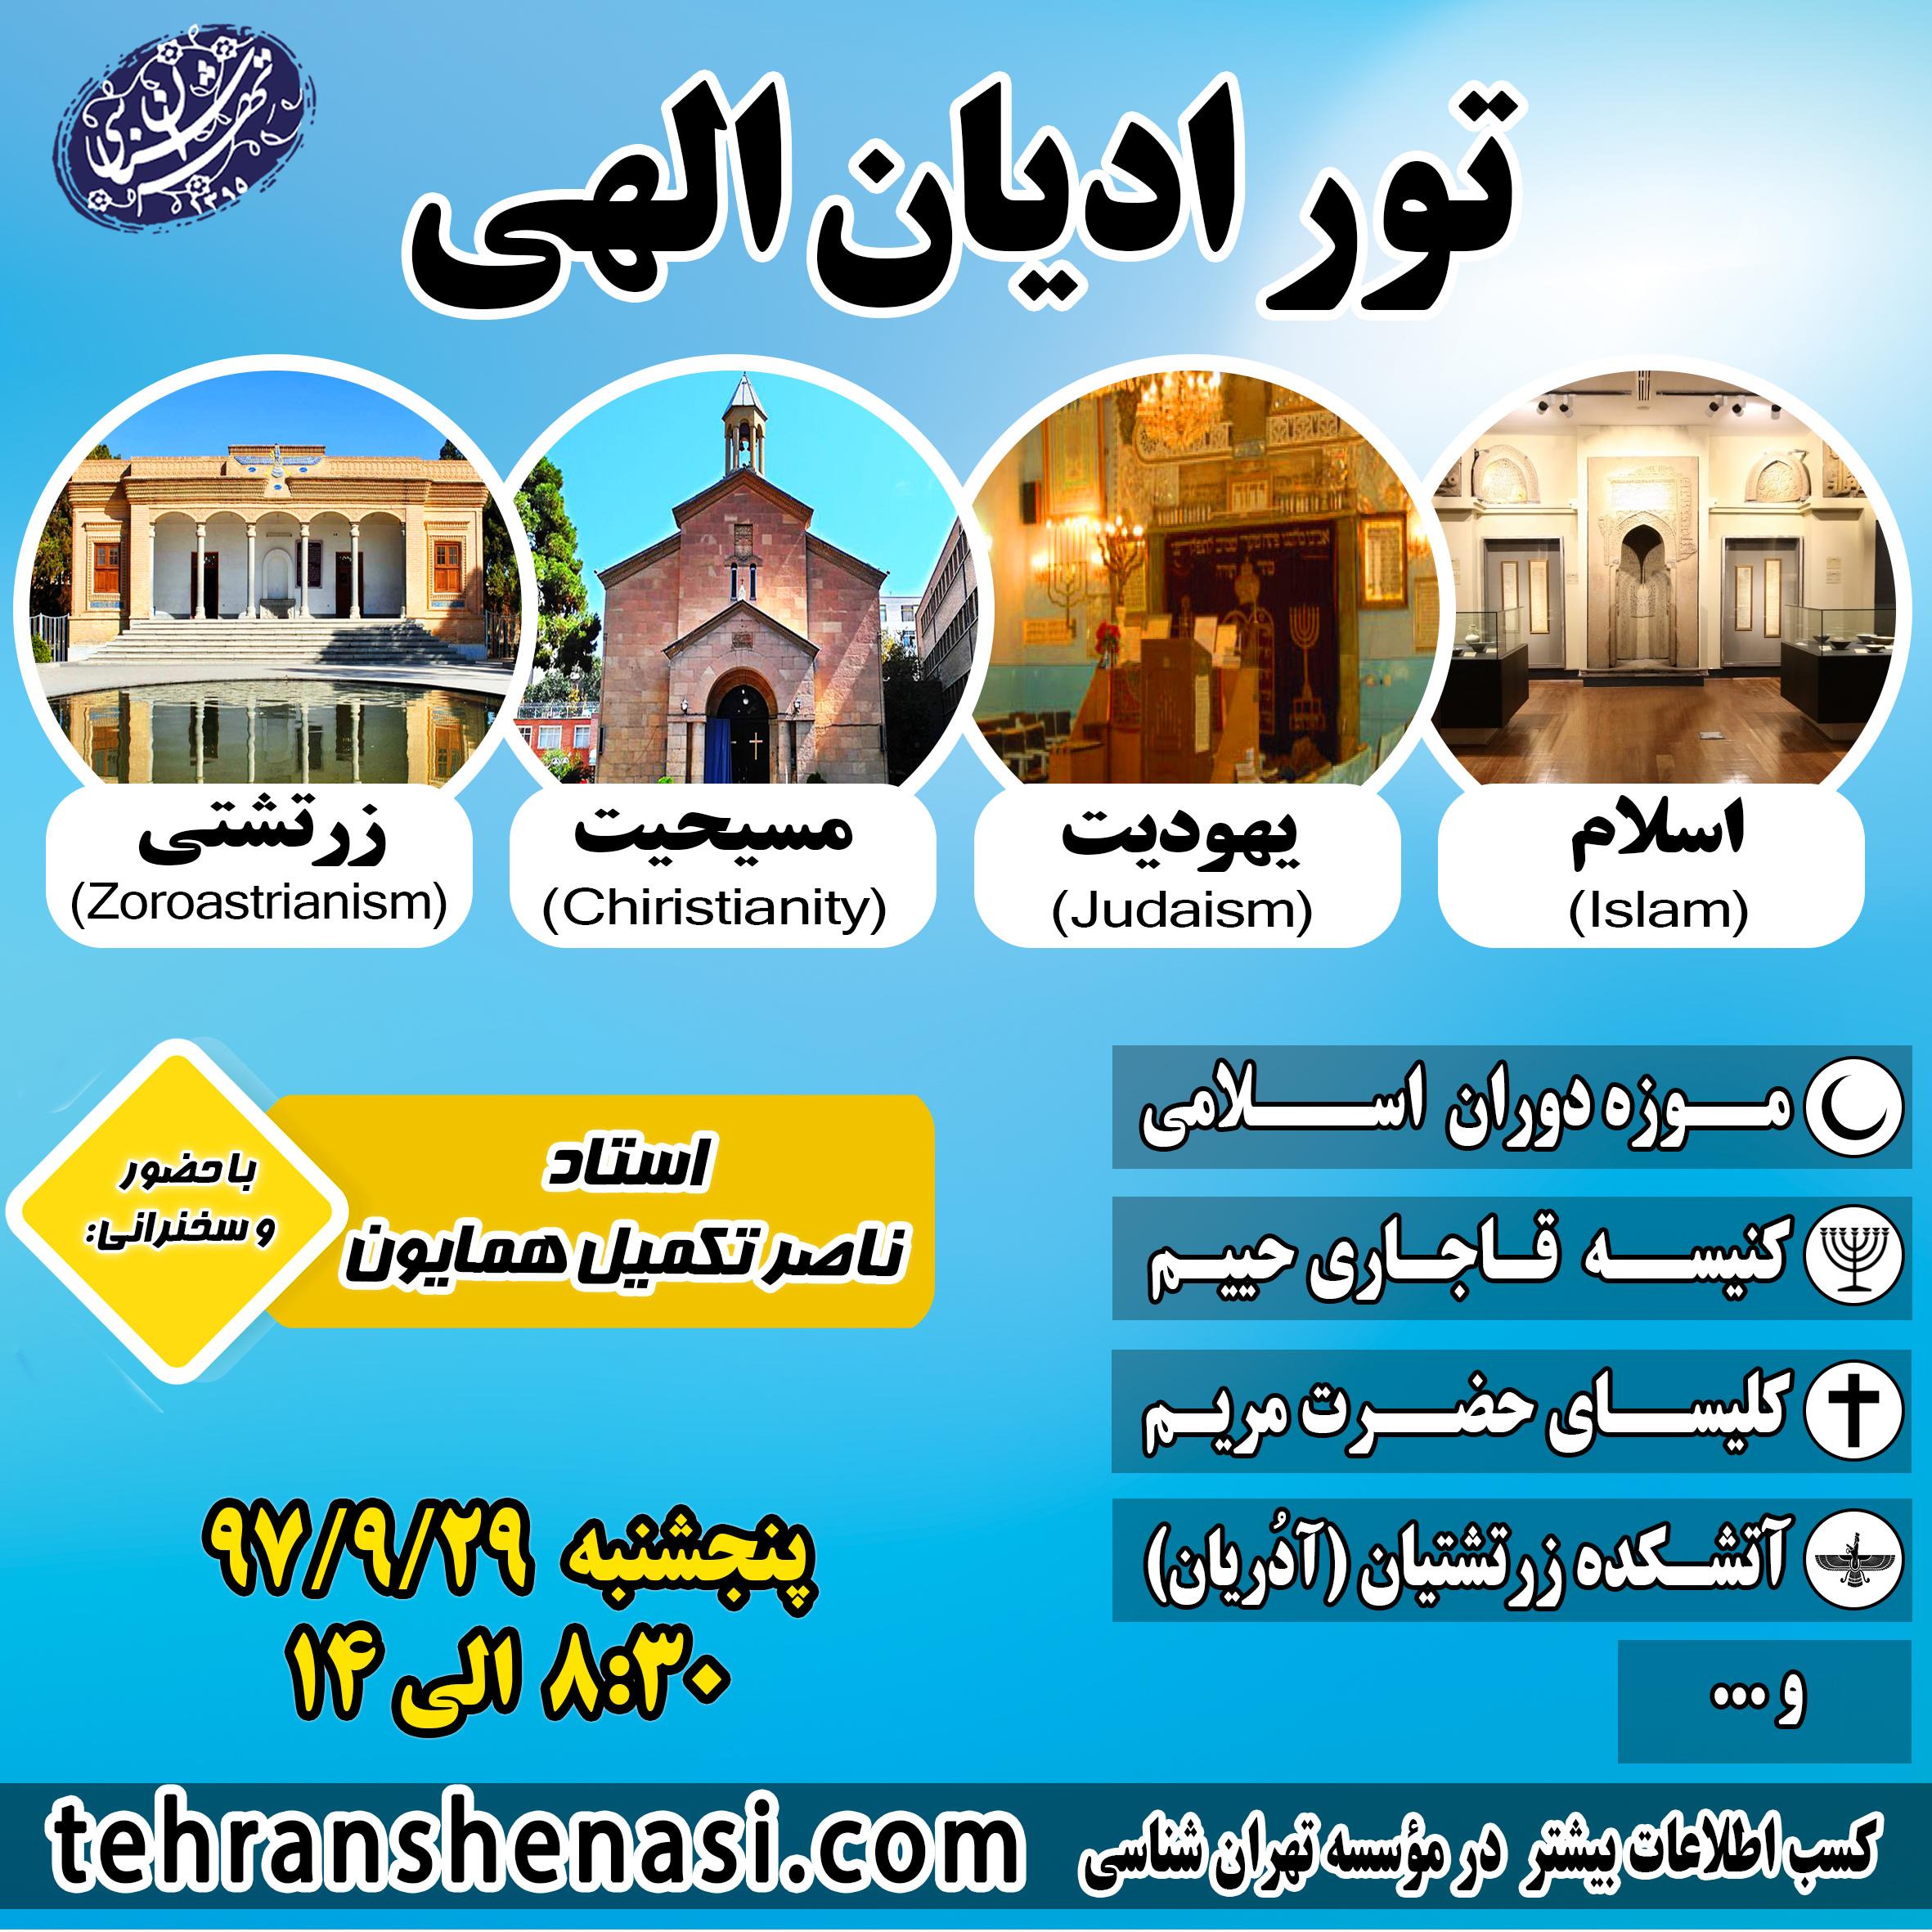 تور ادیان الهی -تهران شناسی